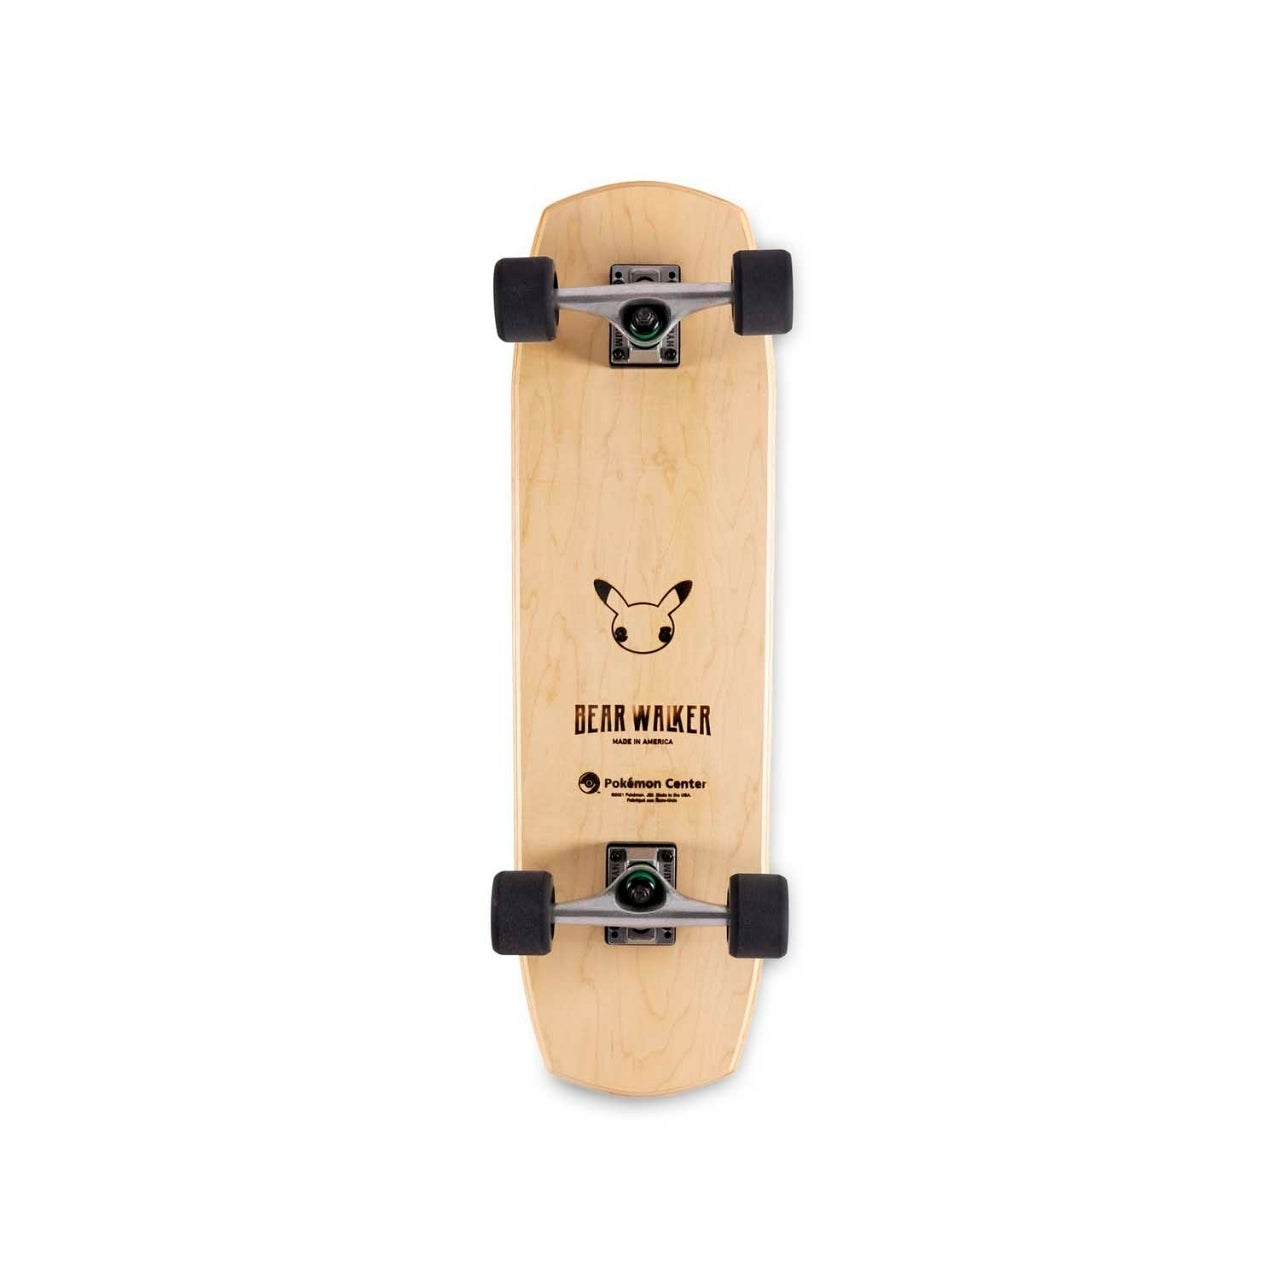 Pokemon_Center_×_Bear_Walker_25th_Skateboard_Product_Image_2